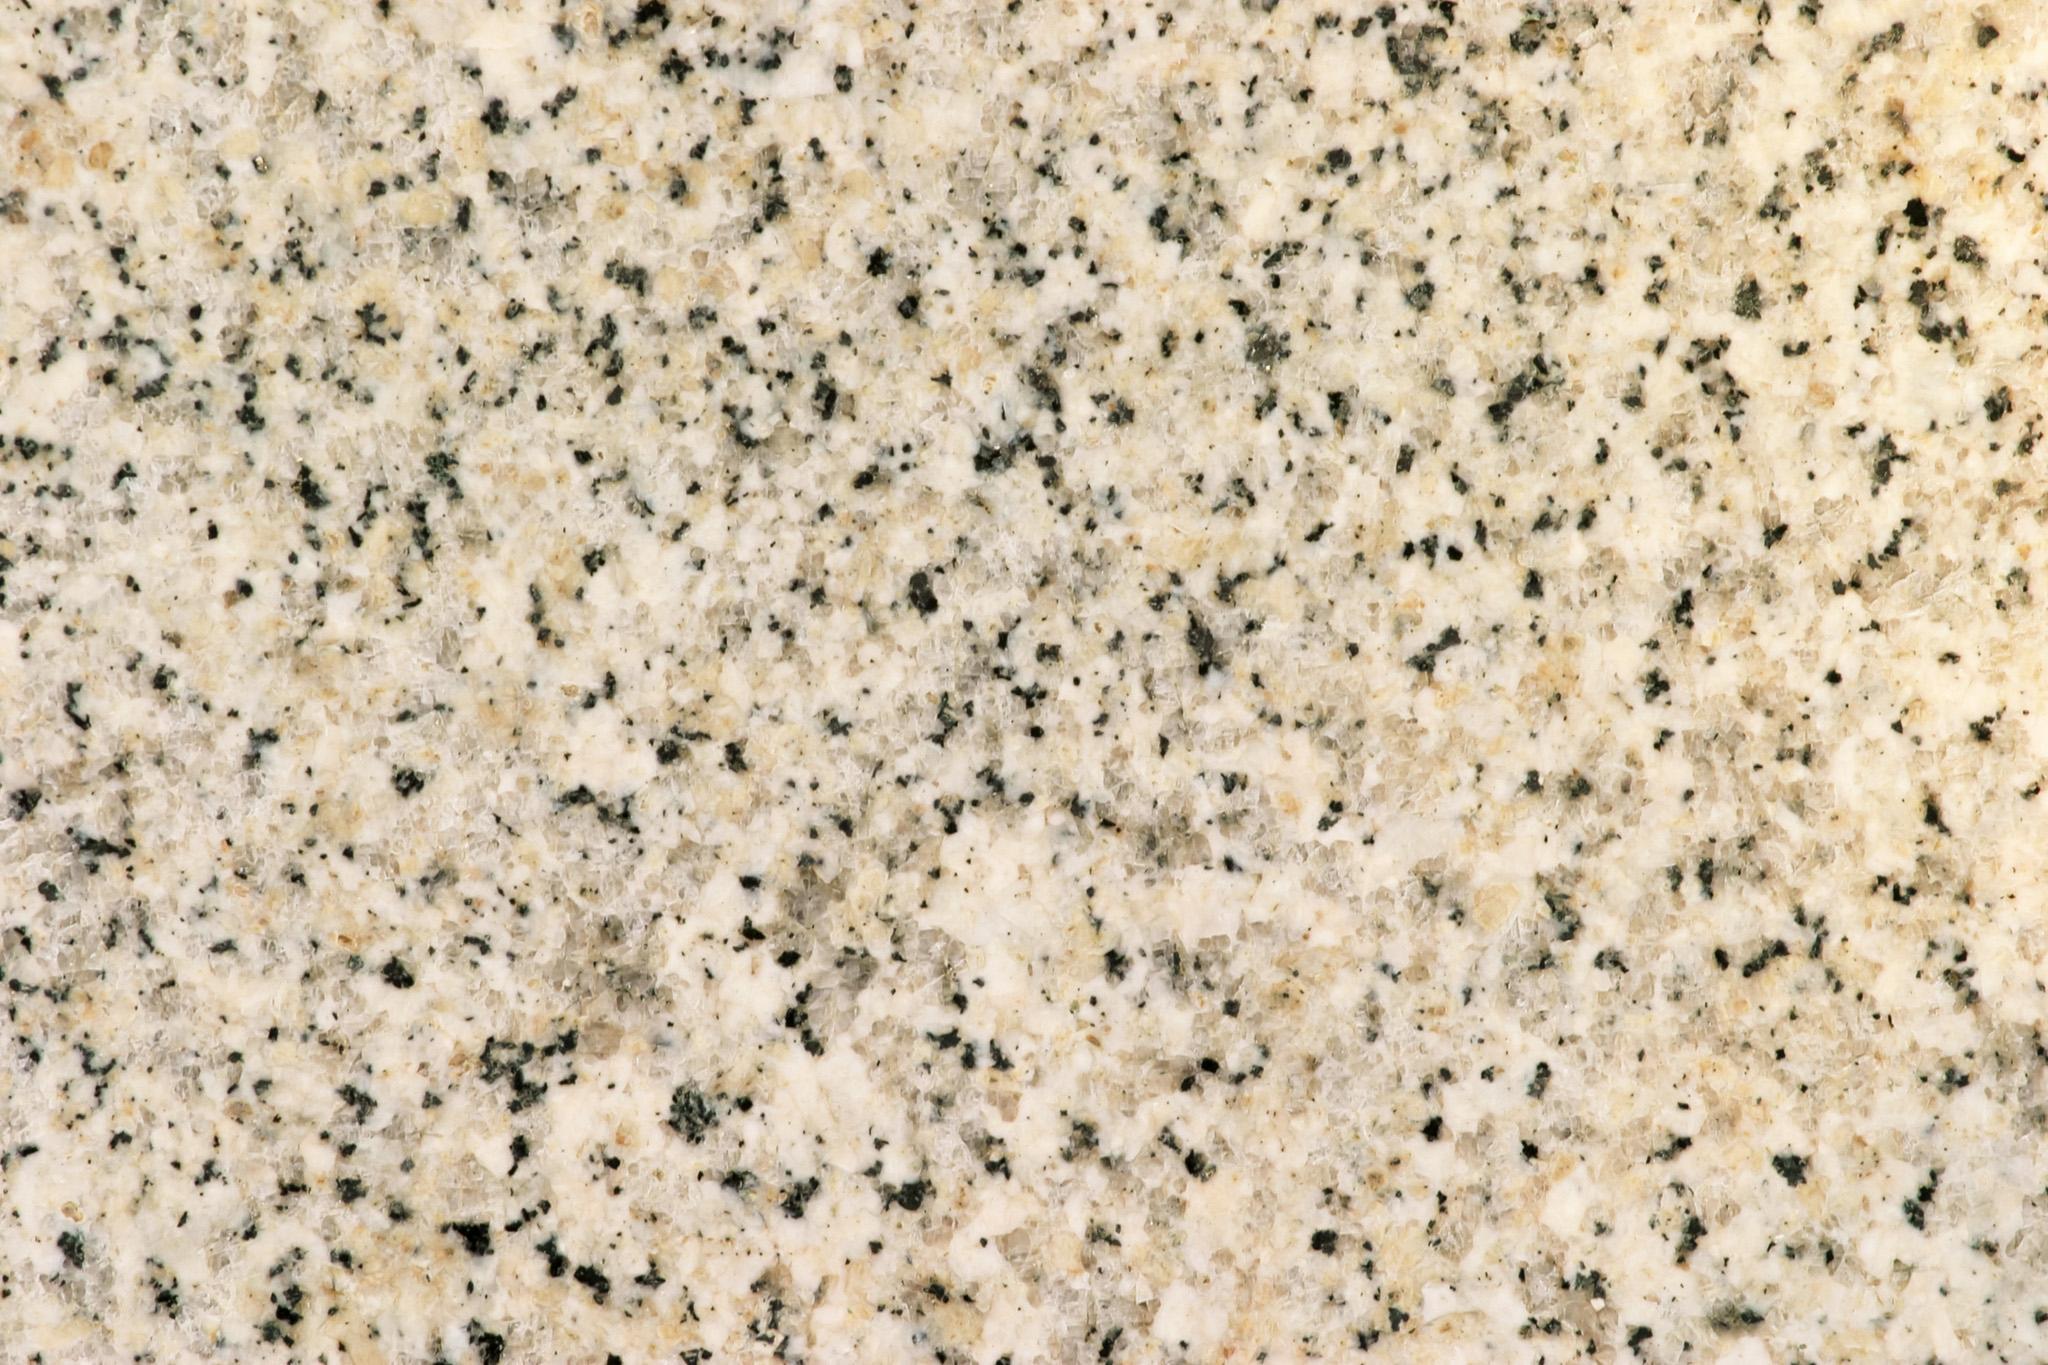 「白に黒い点々がある石」のテクスチャを無料ダウンロード